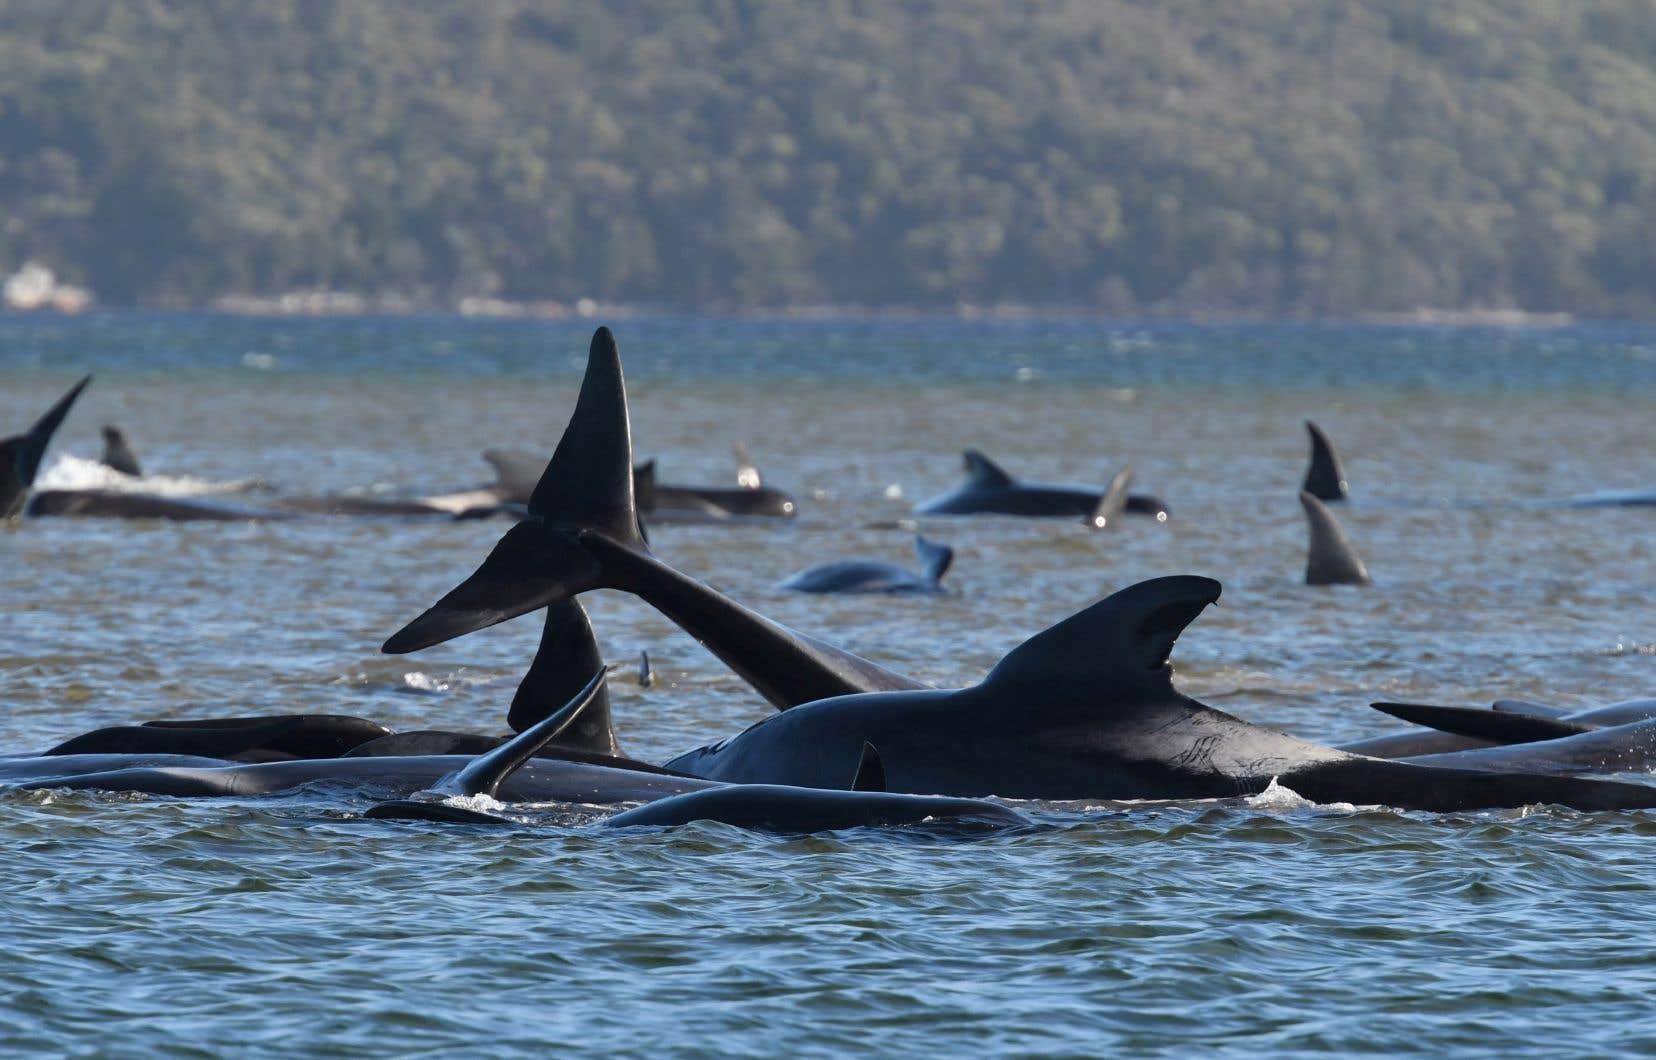 <p>Les échouages de mammifères marins sont relativement fréquents en Tasmanie, mais celui-ci est particulièrement préoccupant du fait du nombre important des animaux concernés.</p>